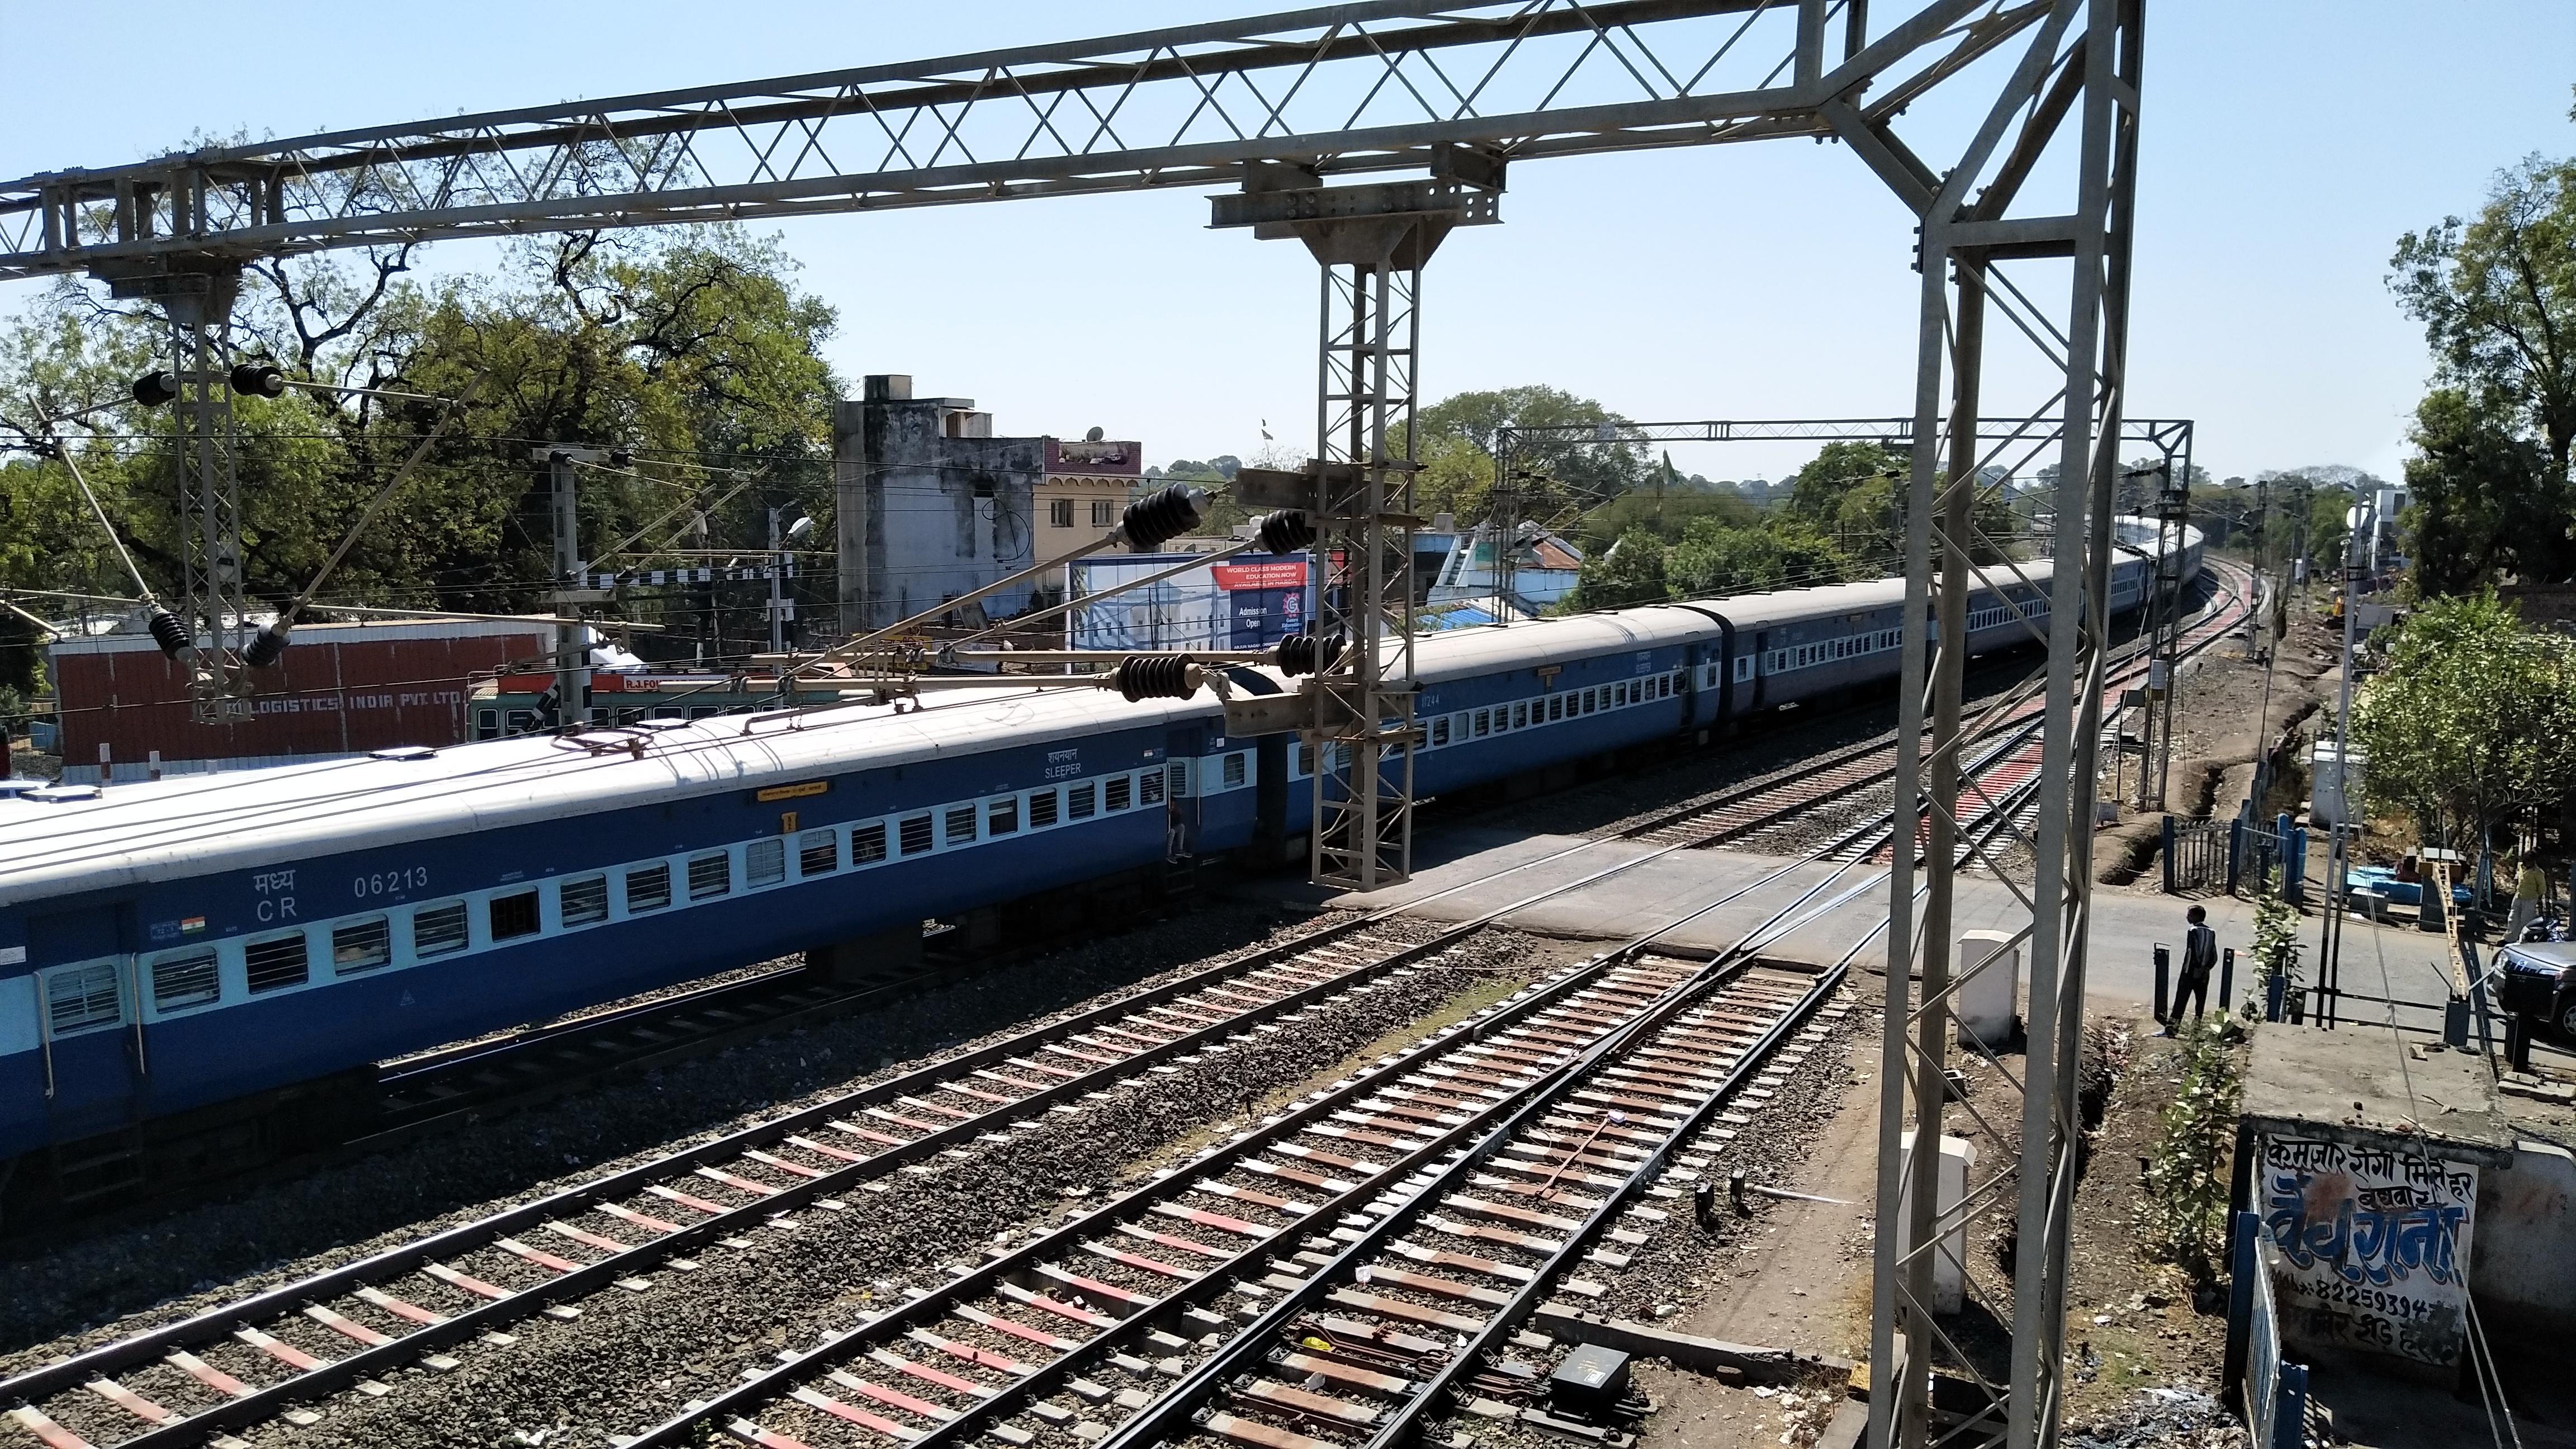 रेलवे बजट में पास किए रेलवे ओवरब्रिज, तीन साल में भी काम शुरू नहीं हुए